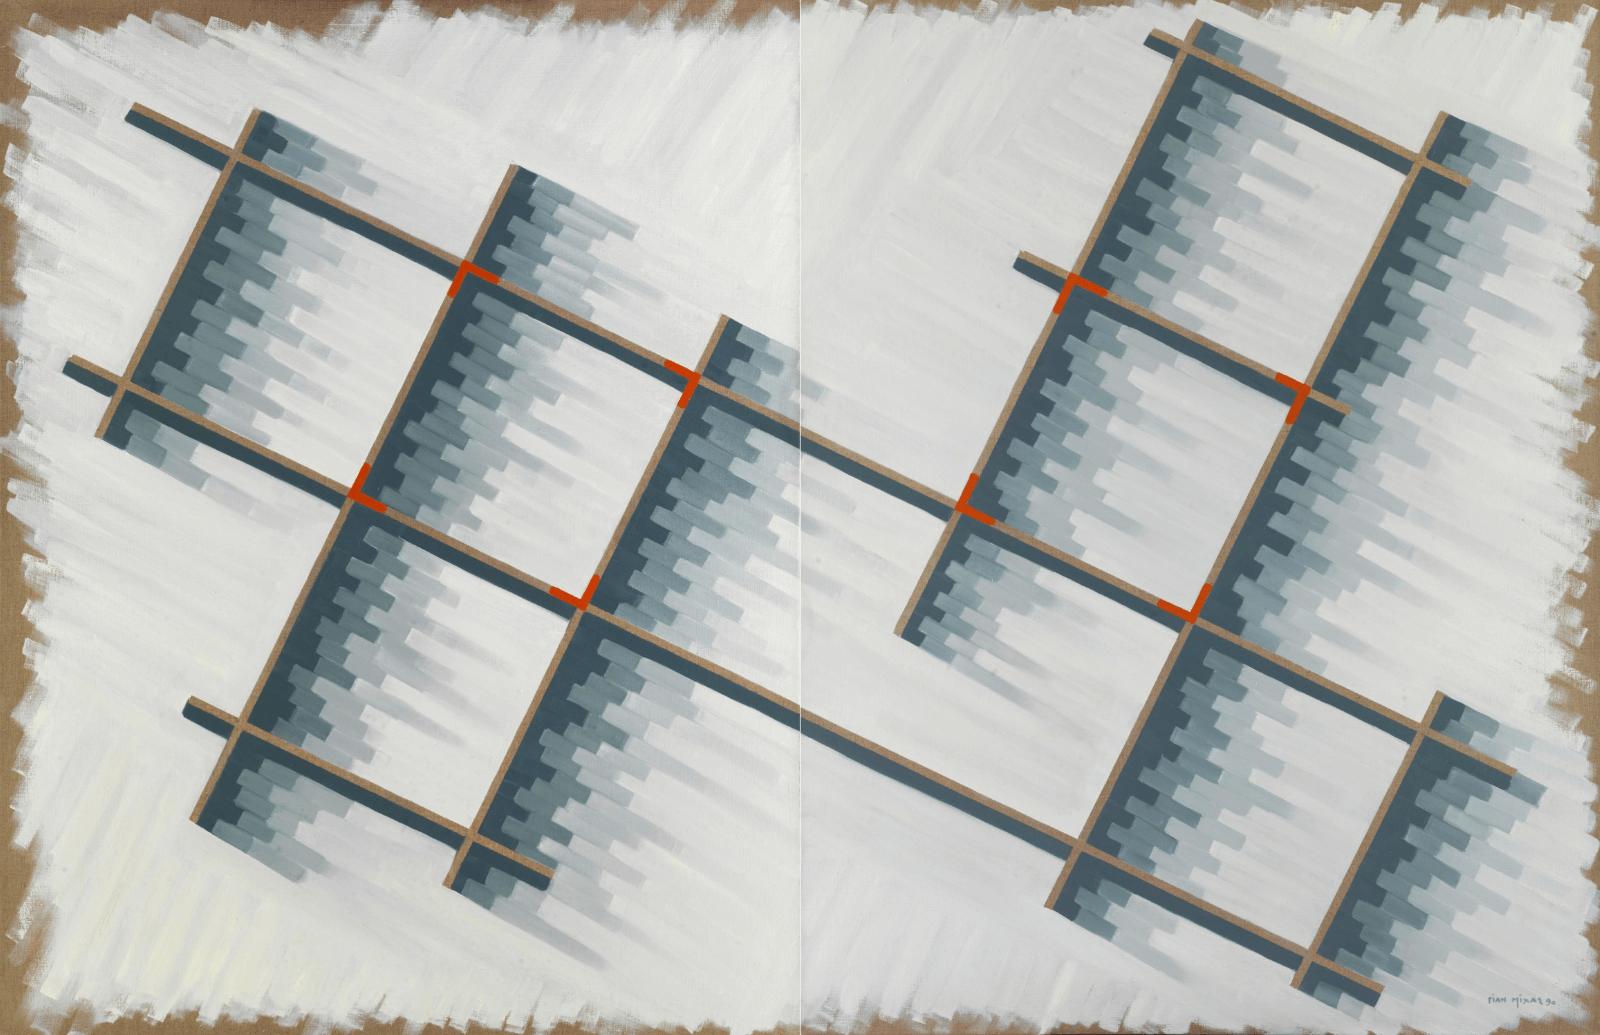 Γιάννης Μίχας (1938 – 2008) Σύνθεση x254 Ι+ΙΙ, 1990 Λάδι σε καμβά 170 x 260 εκ.